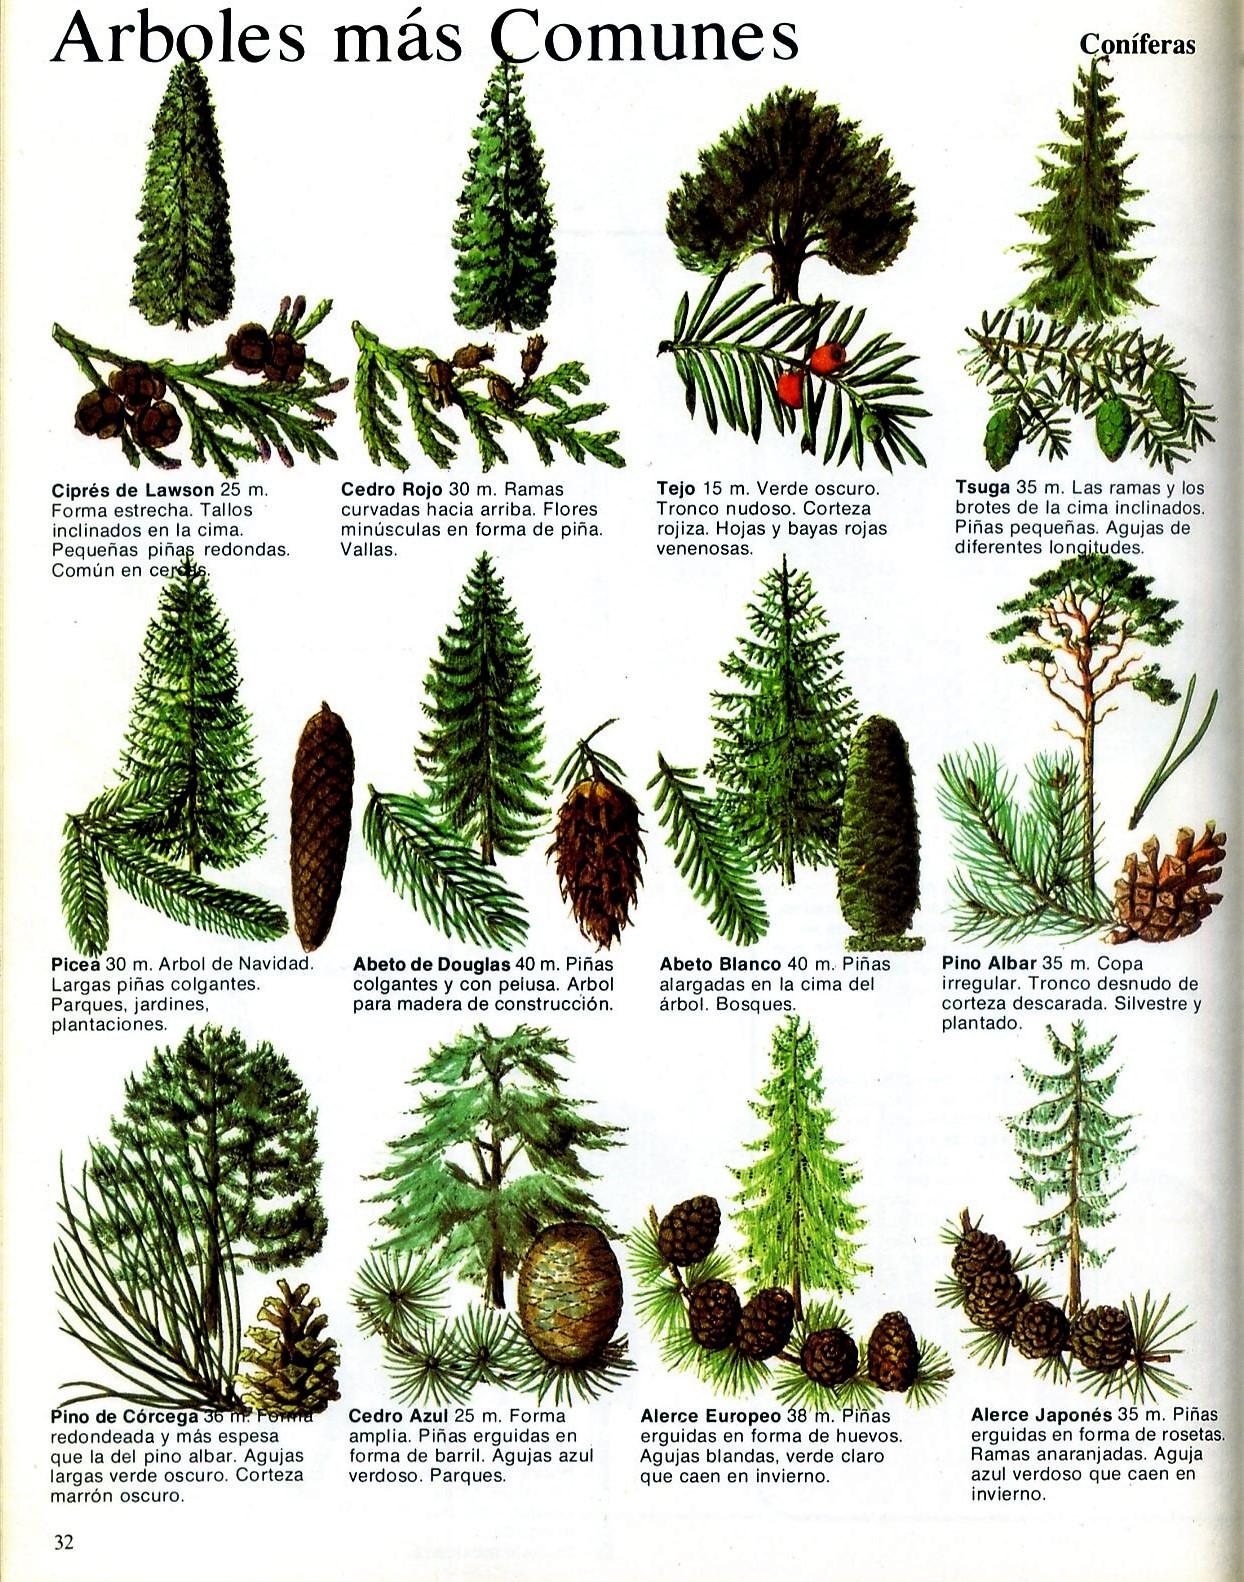 Txirpial conociendo nuestros rboles for Nombres de los arboles de hoja perenne